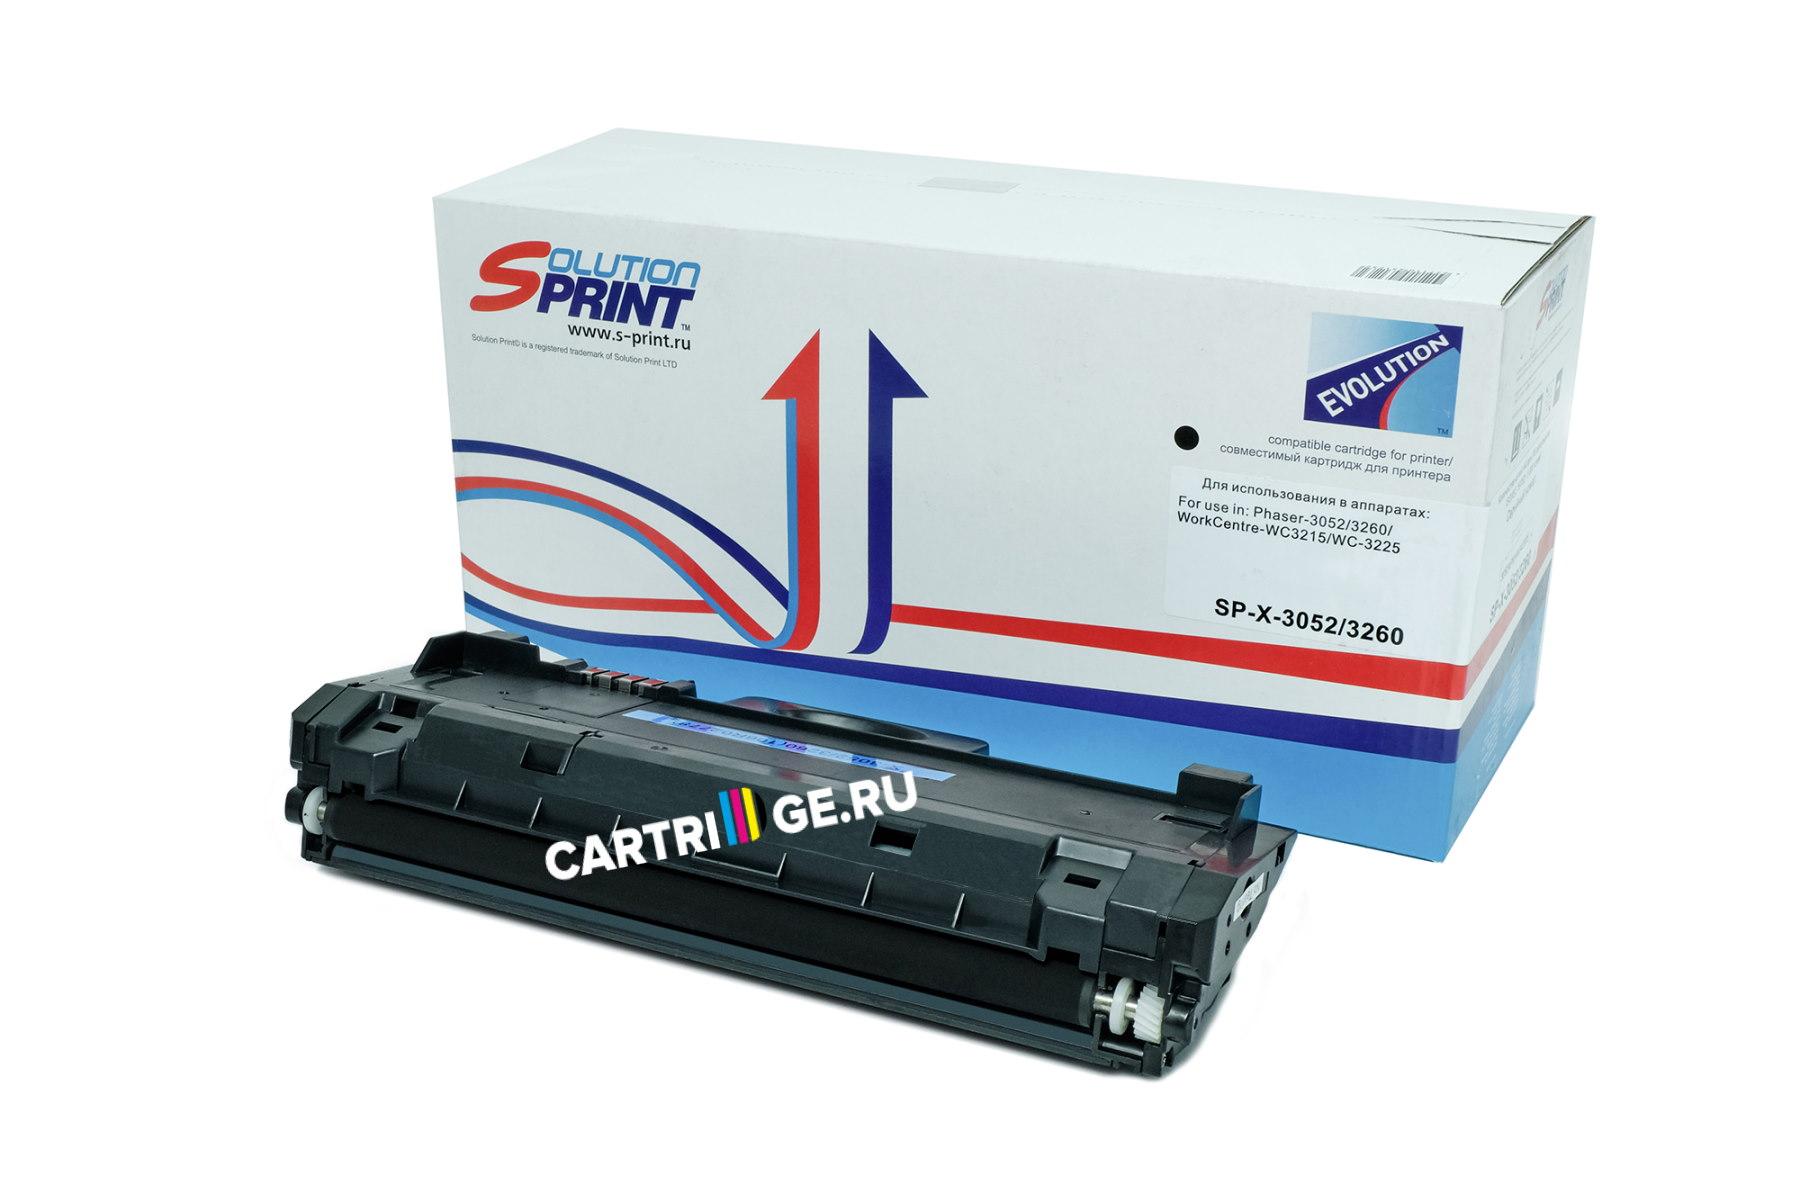 Картридж Sprint SP-X-3052/ 3260 для Xerox купить | Cartrige.ru